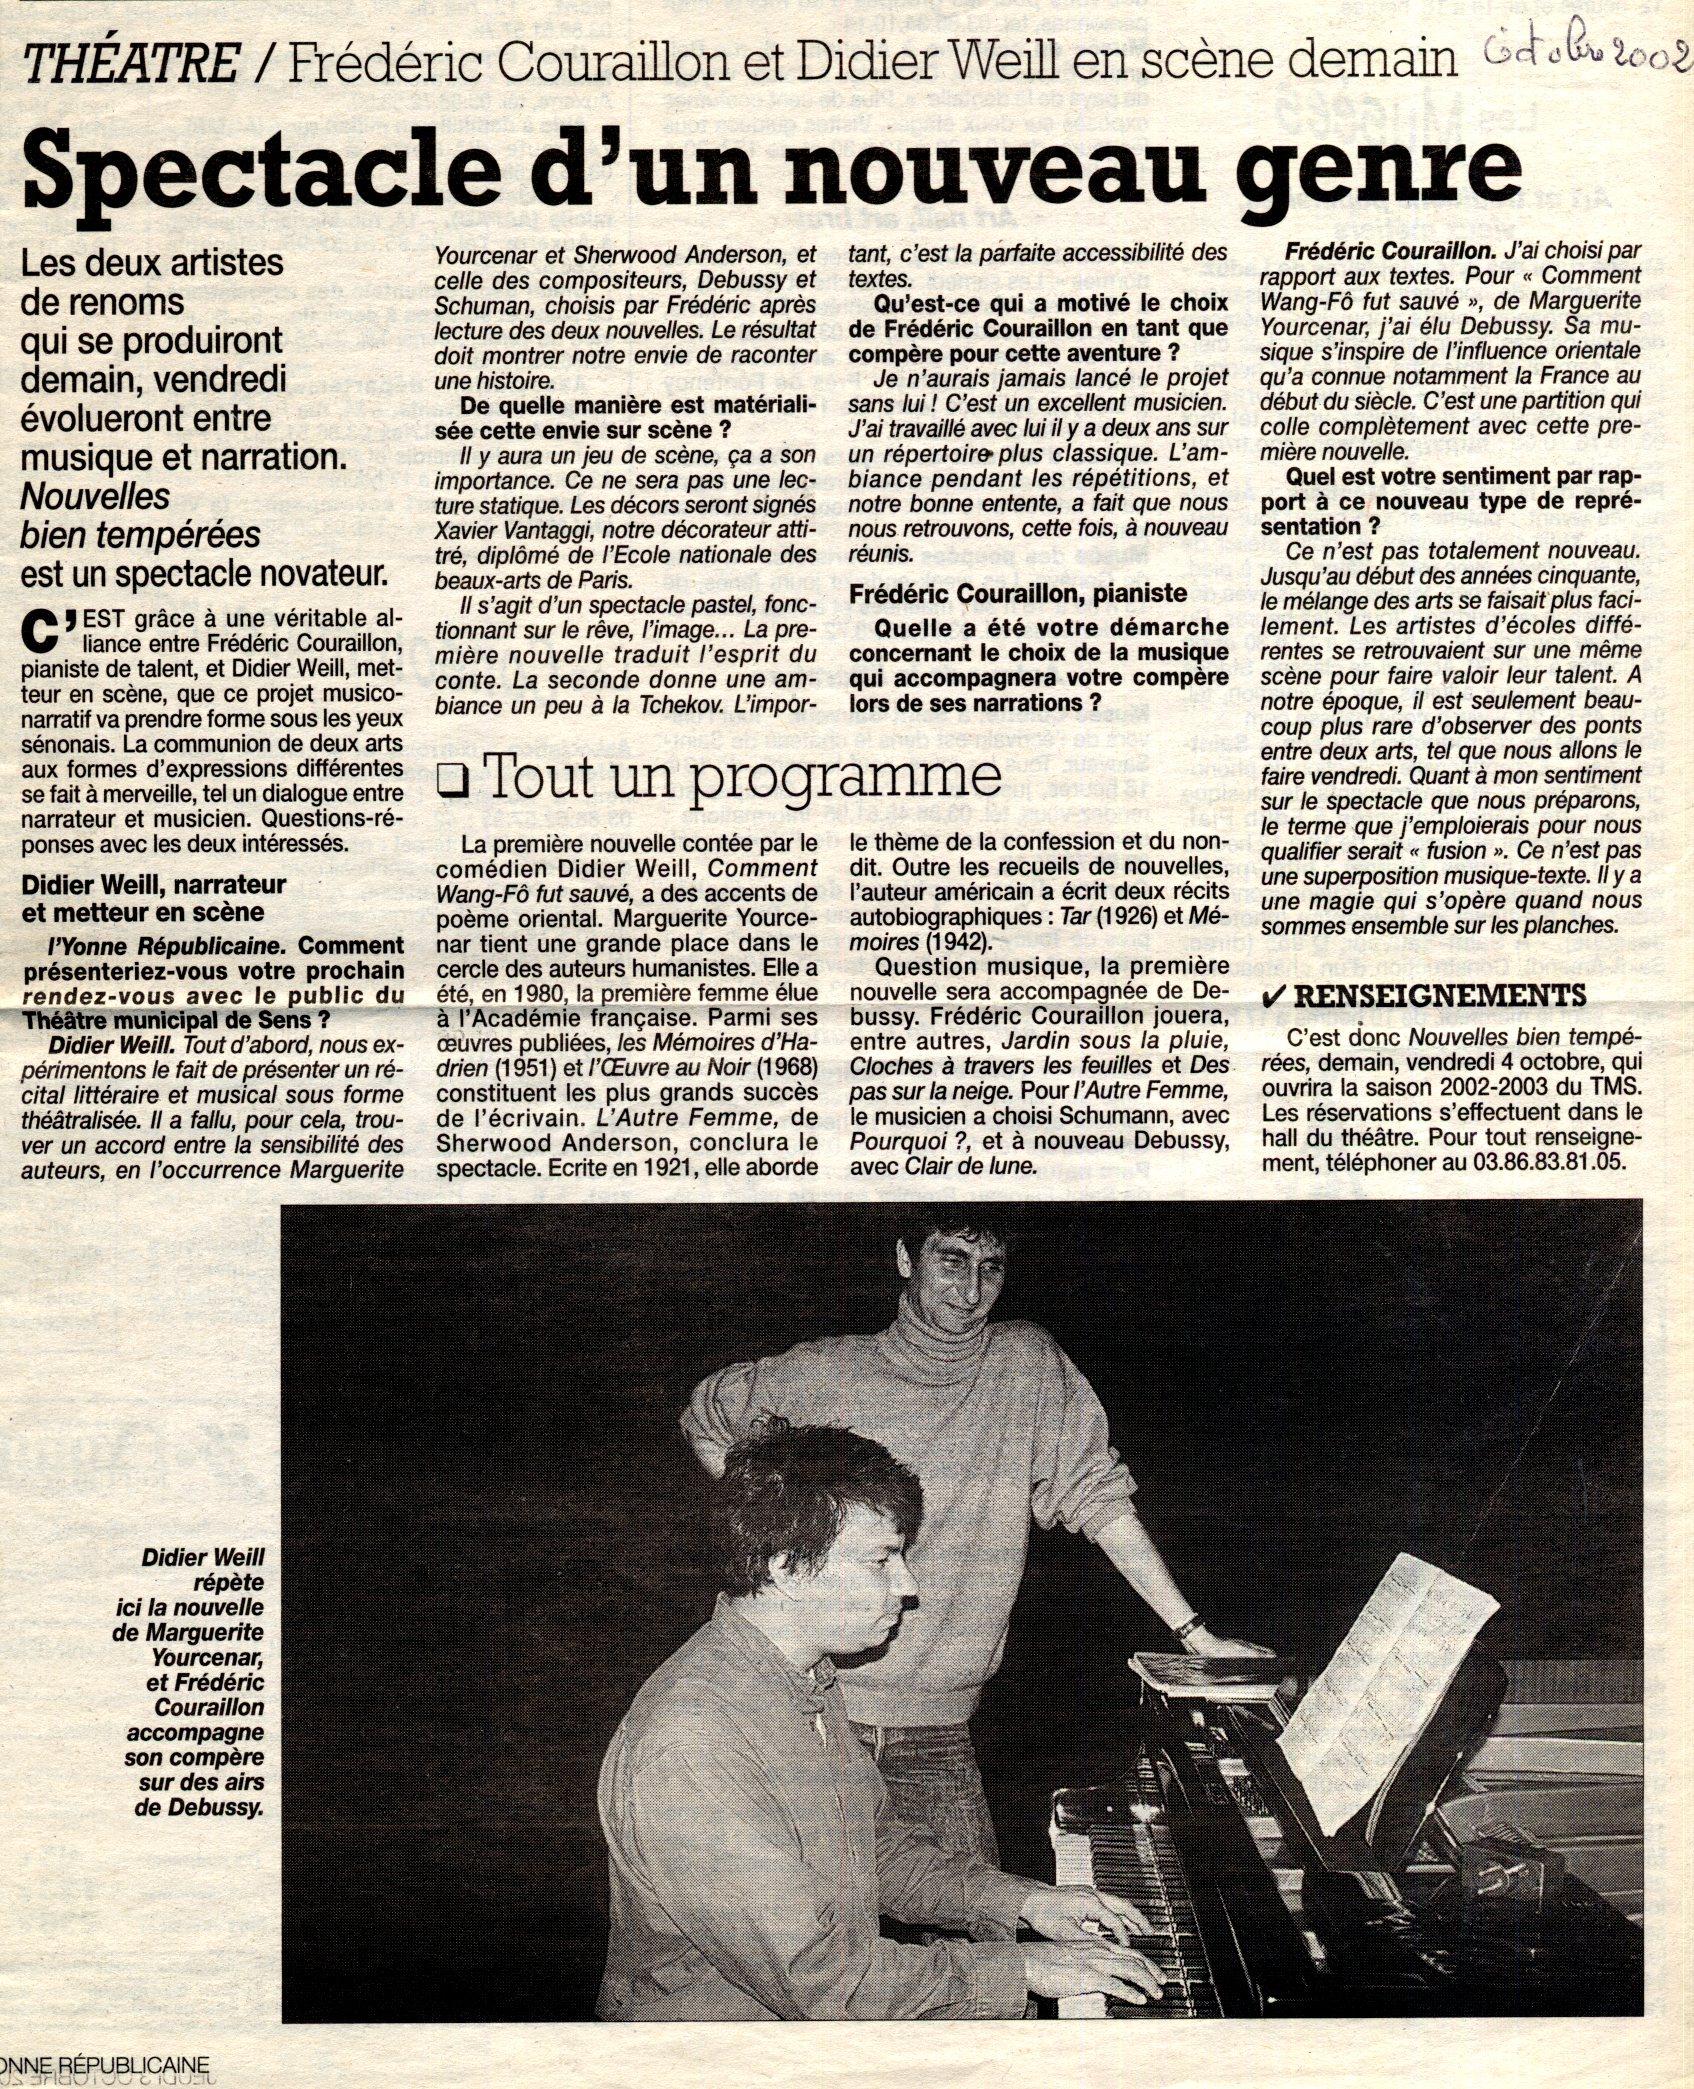 L'Yonne républicaine - octobre 2002